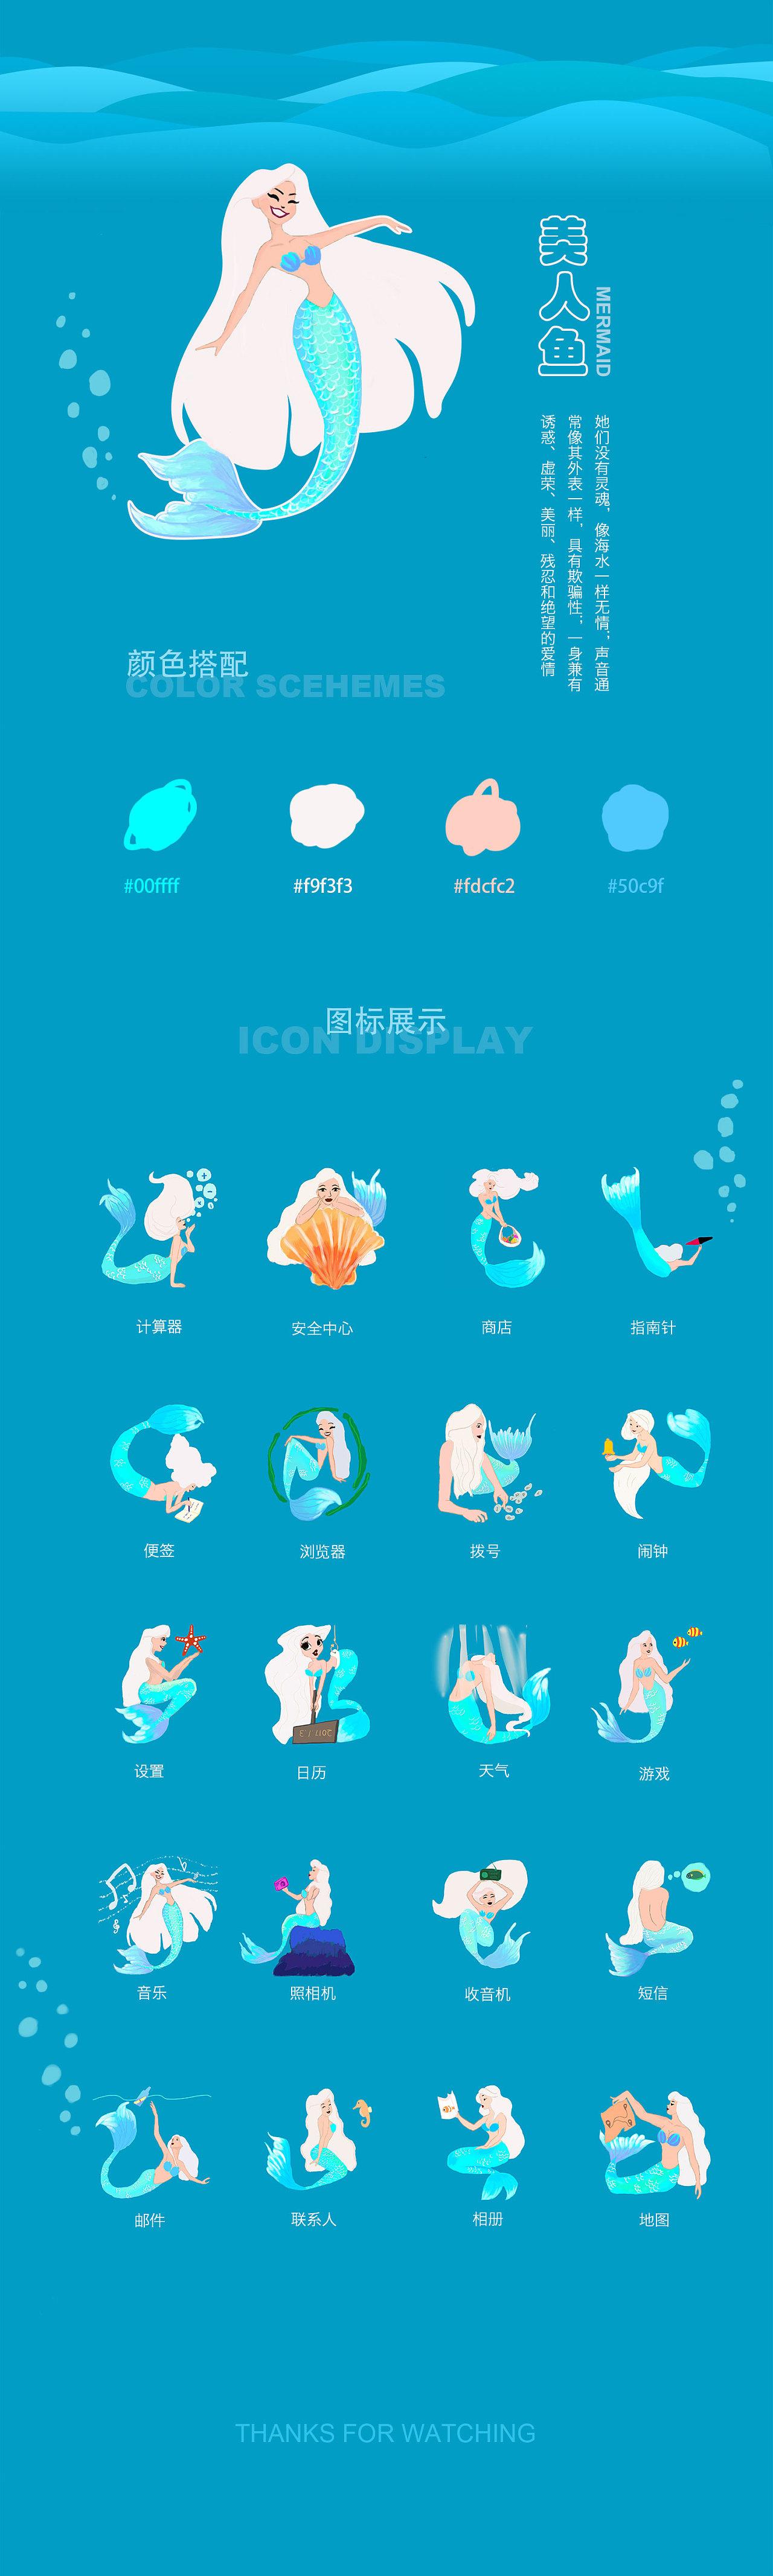 通过绘制性感的动作形态及海底生物来展现的图标.